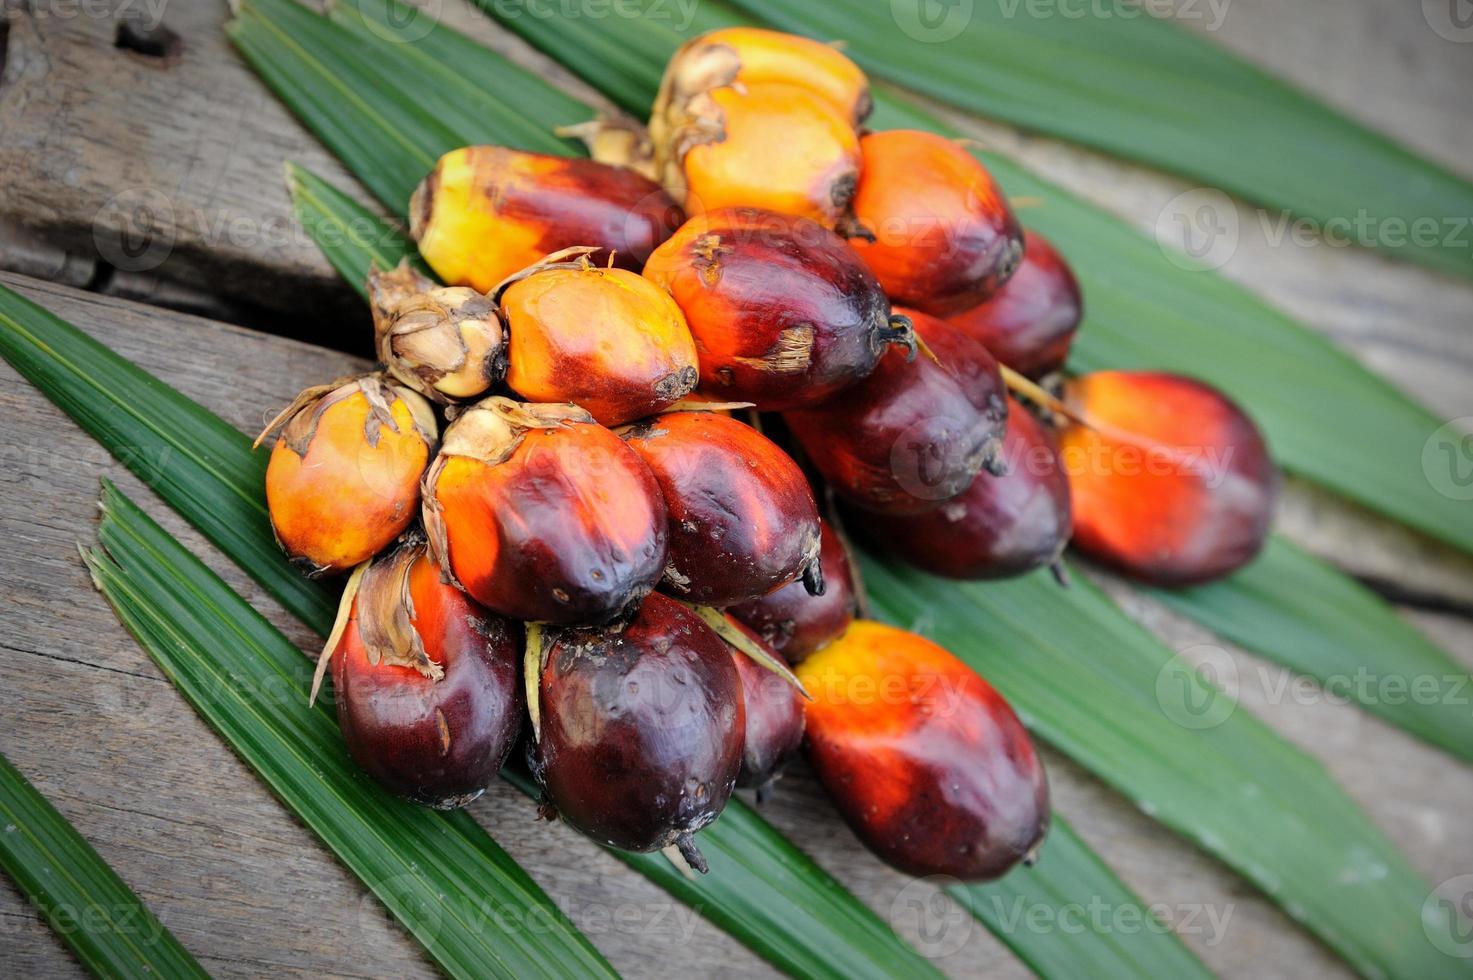 frutas frescas de óleo de palma foto